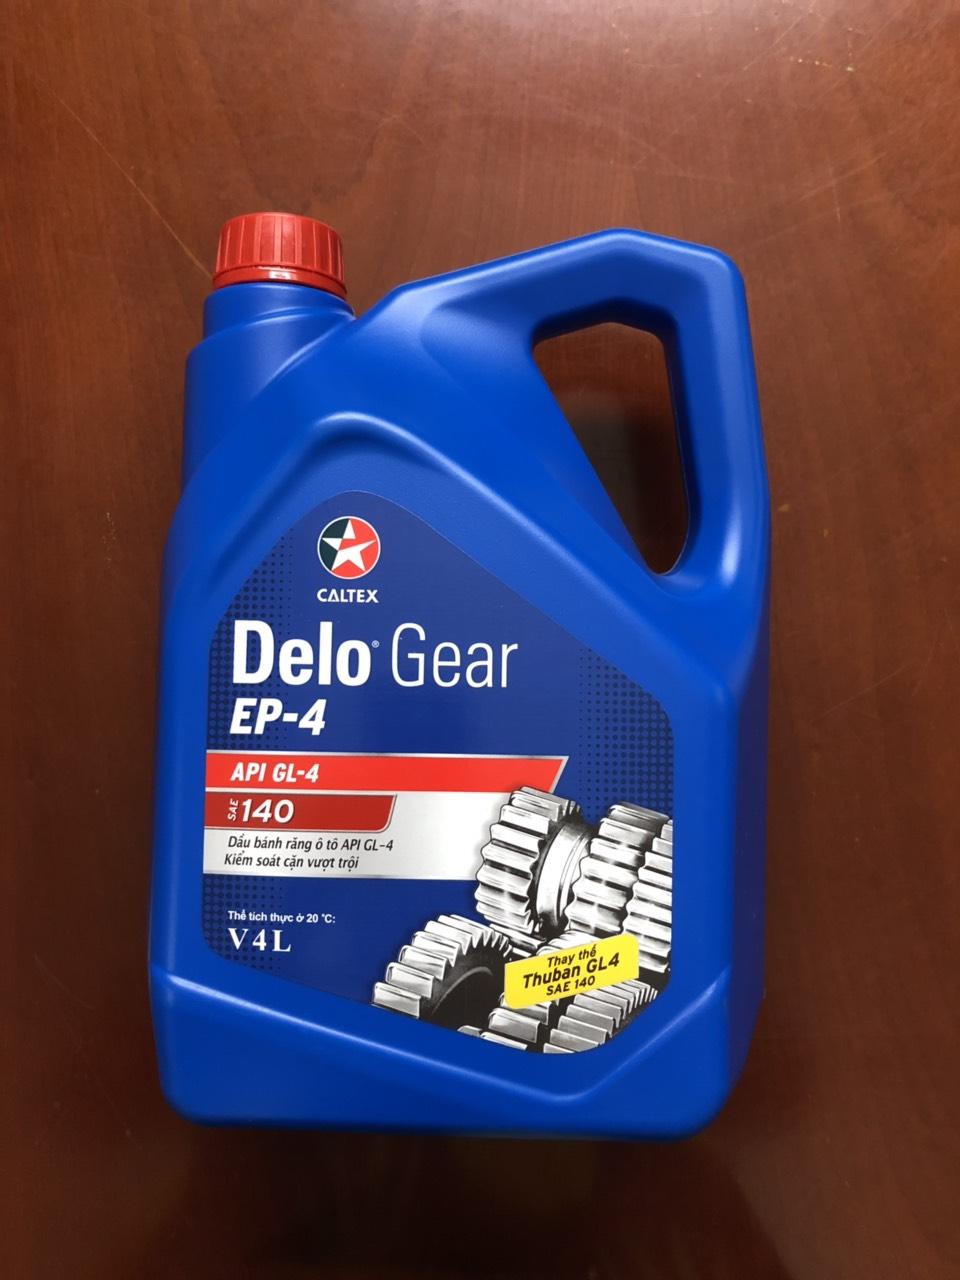 Delo gear ep-4